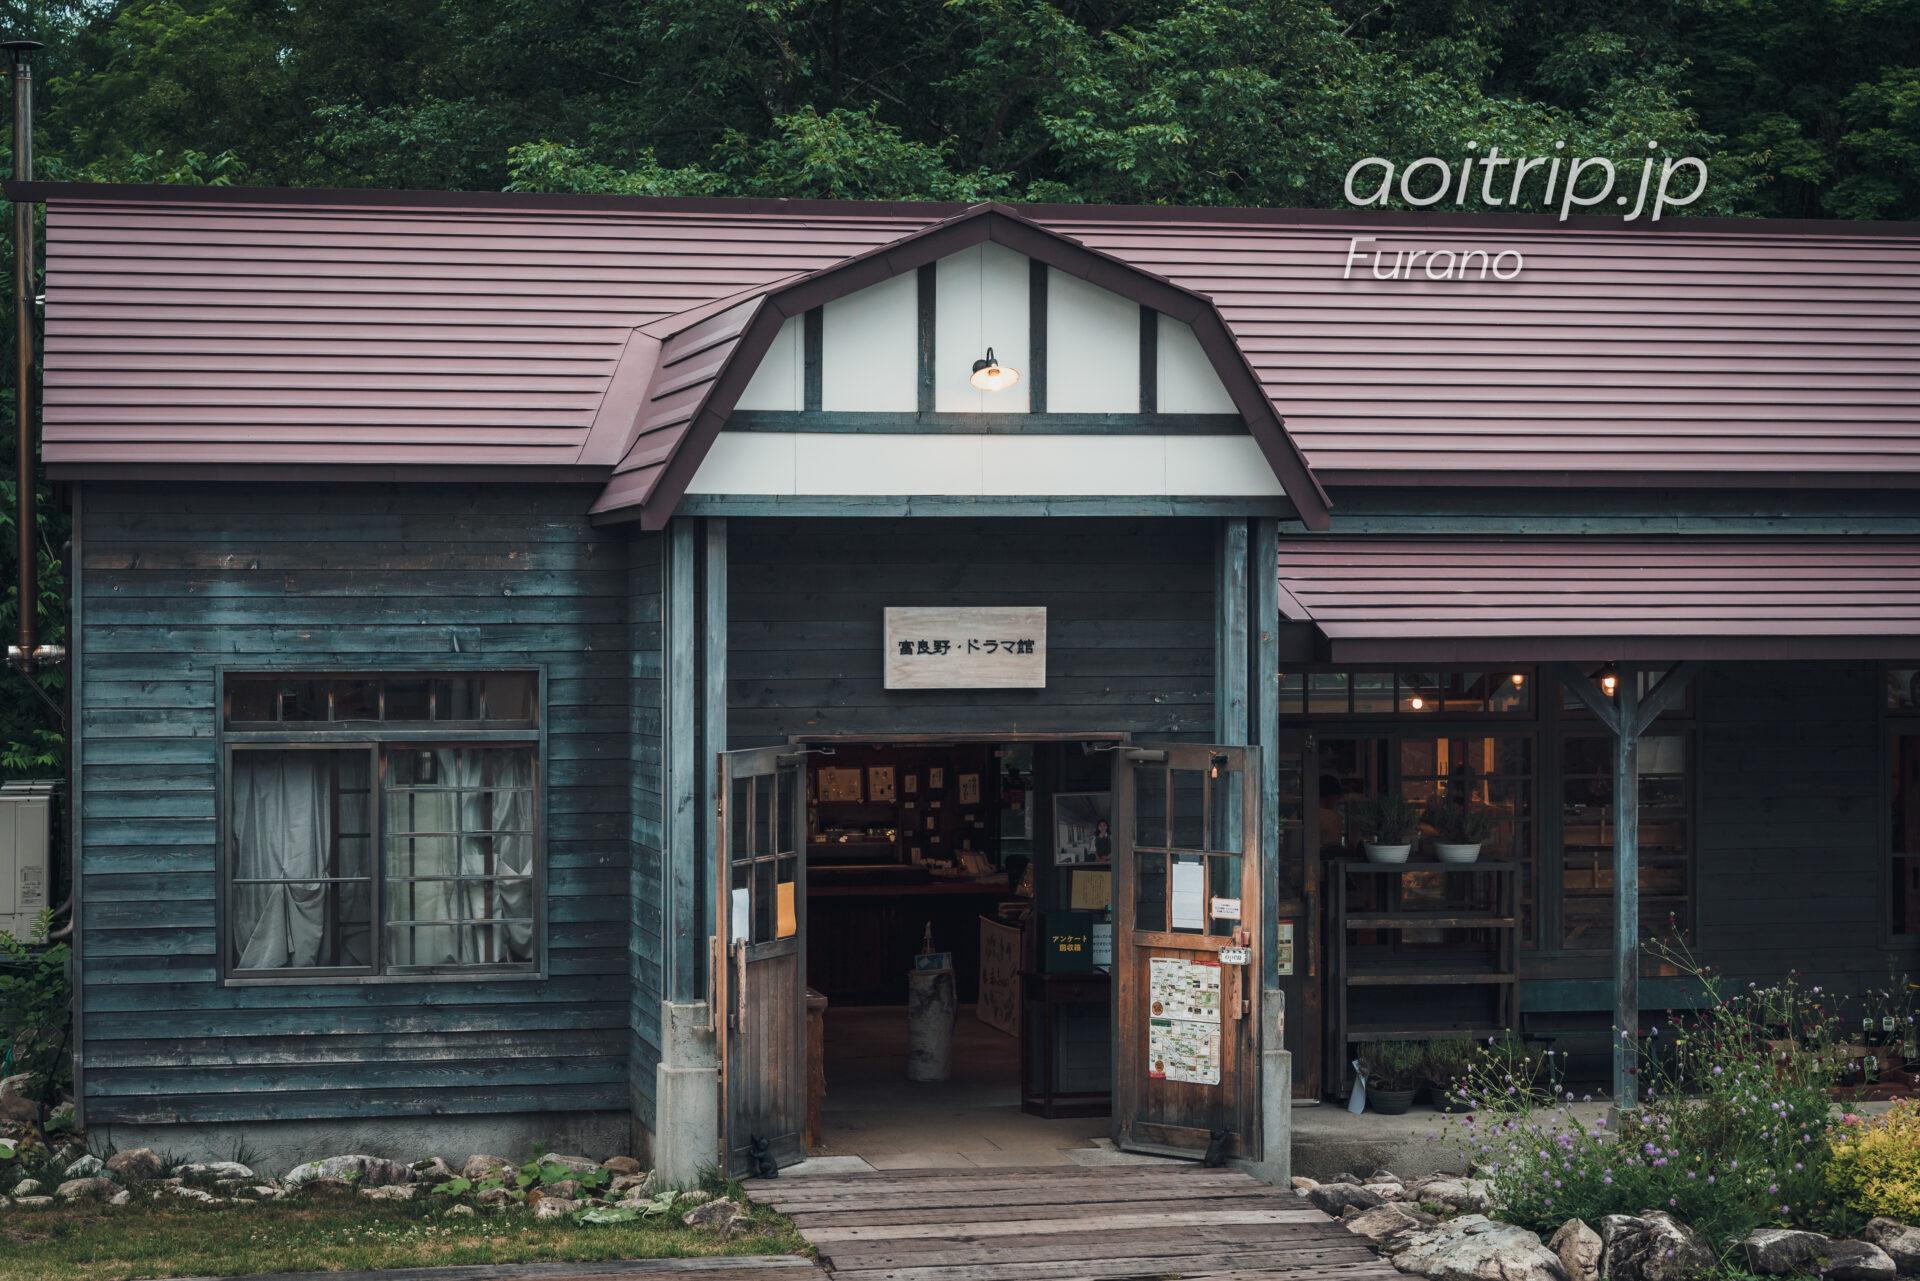 富良野・ドラマ館 富良野三部作『北の国から』『優しい時間』『風のガーデン』のオリジナルグッズを販売